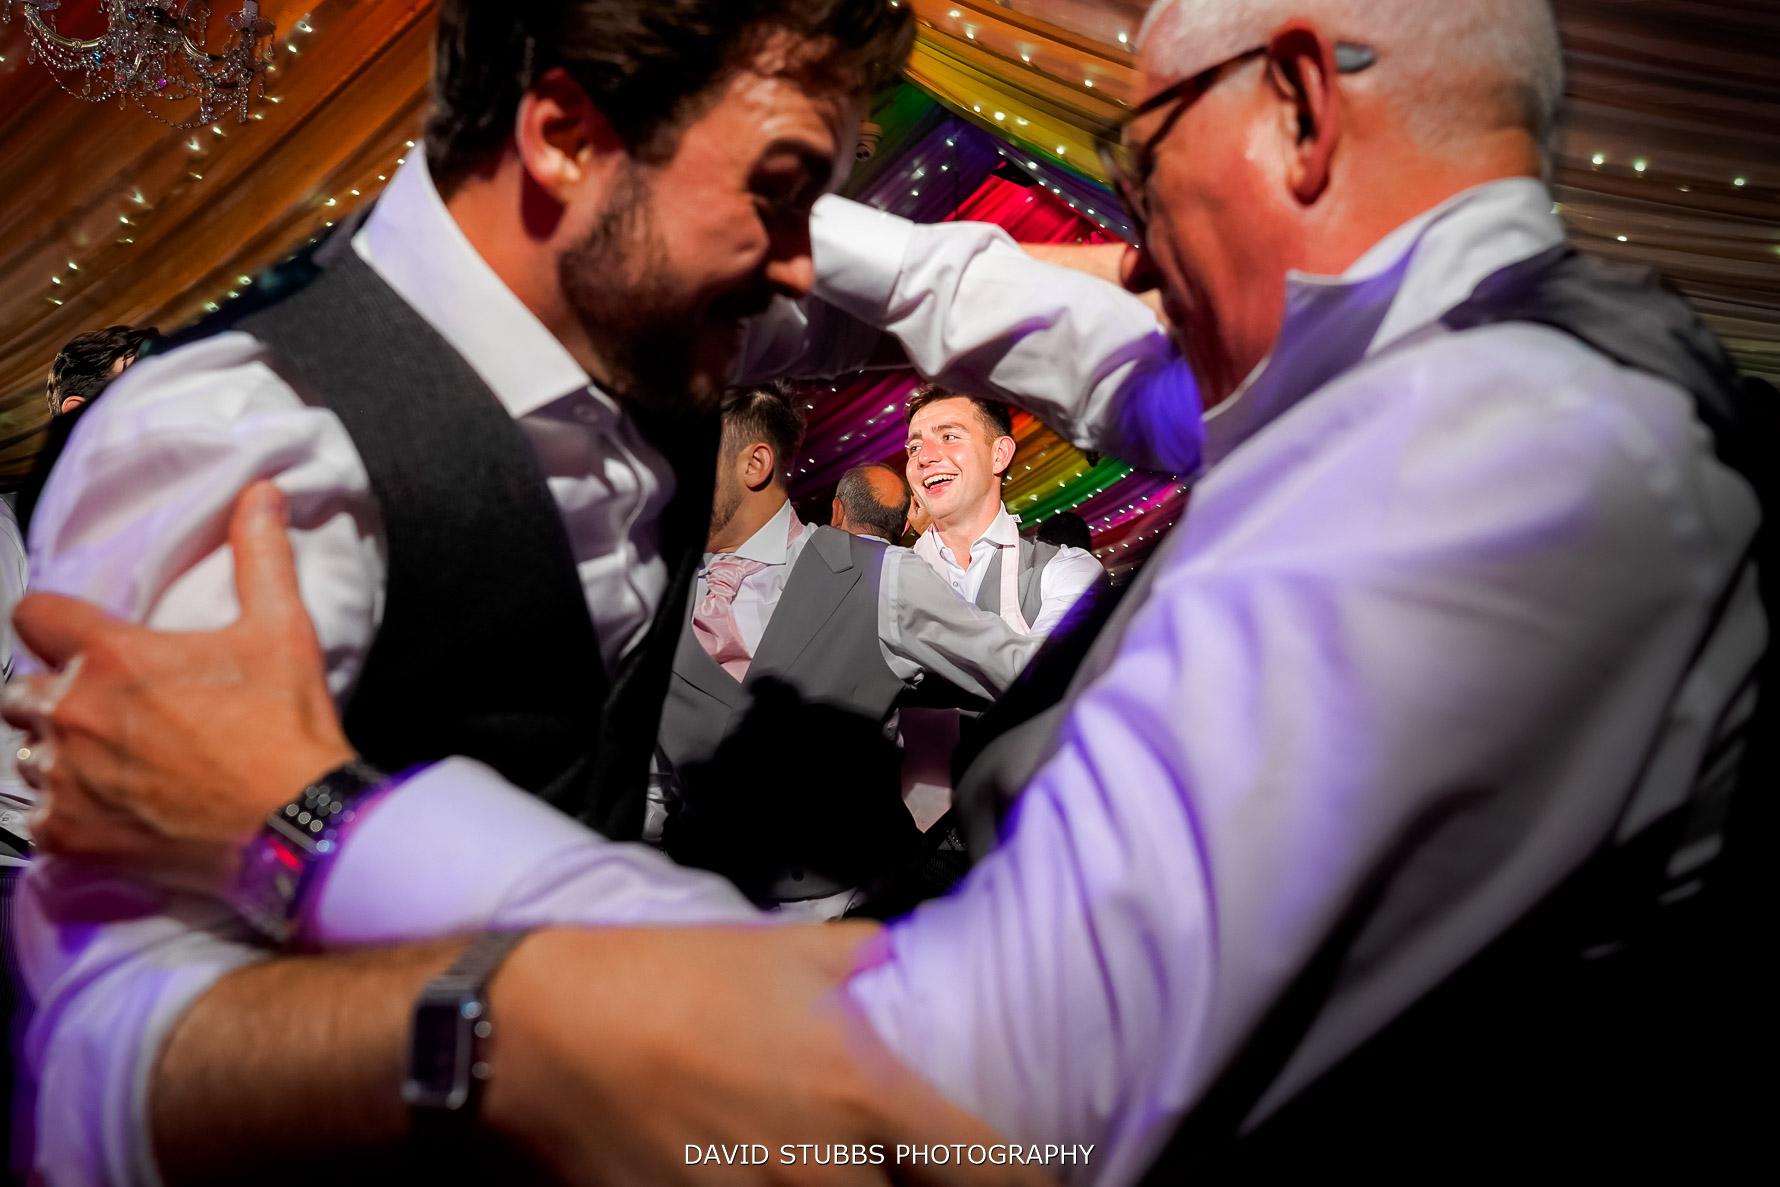 shoot through wedding photo